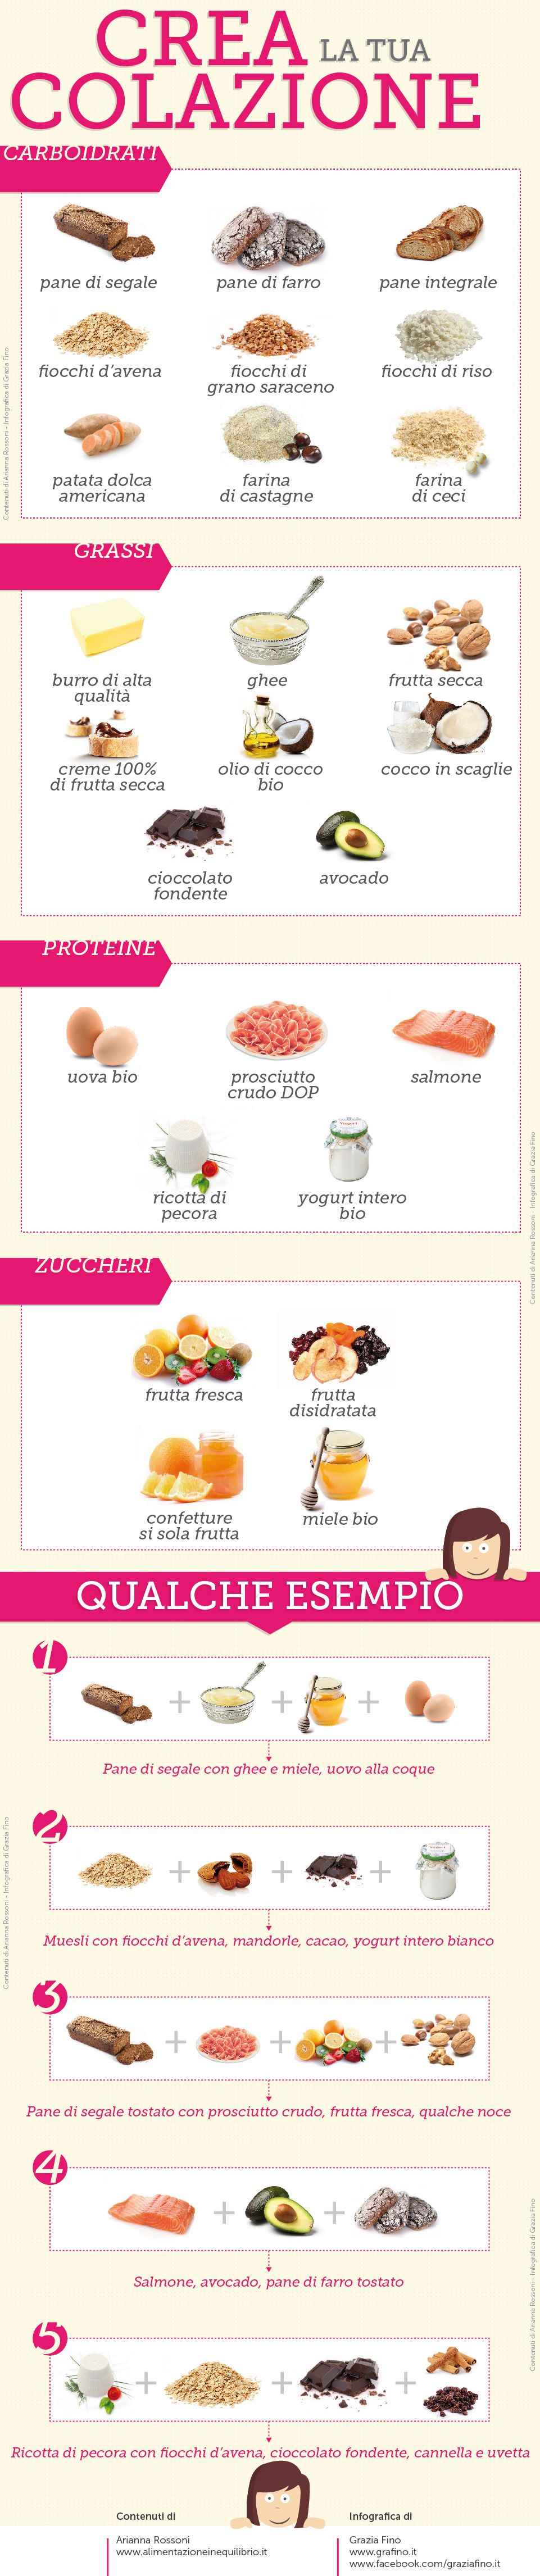 Crea la tua colazione sana pasti per mangiare sano for Crea la tua casa